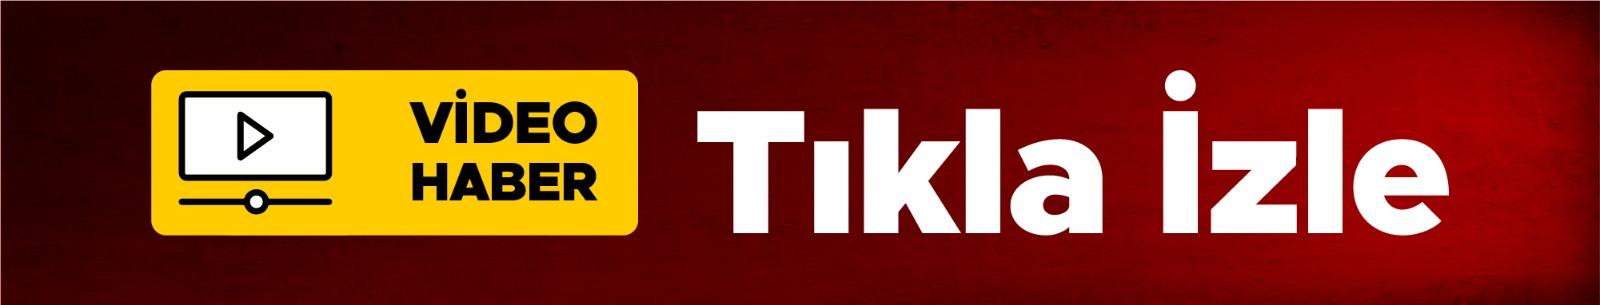 Çakmak,Hocalı Soykırımı, Azerbaycan -Türkiye ilişkileri üzerine değerlendirmelerde bulundu